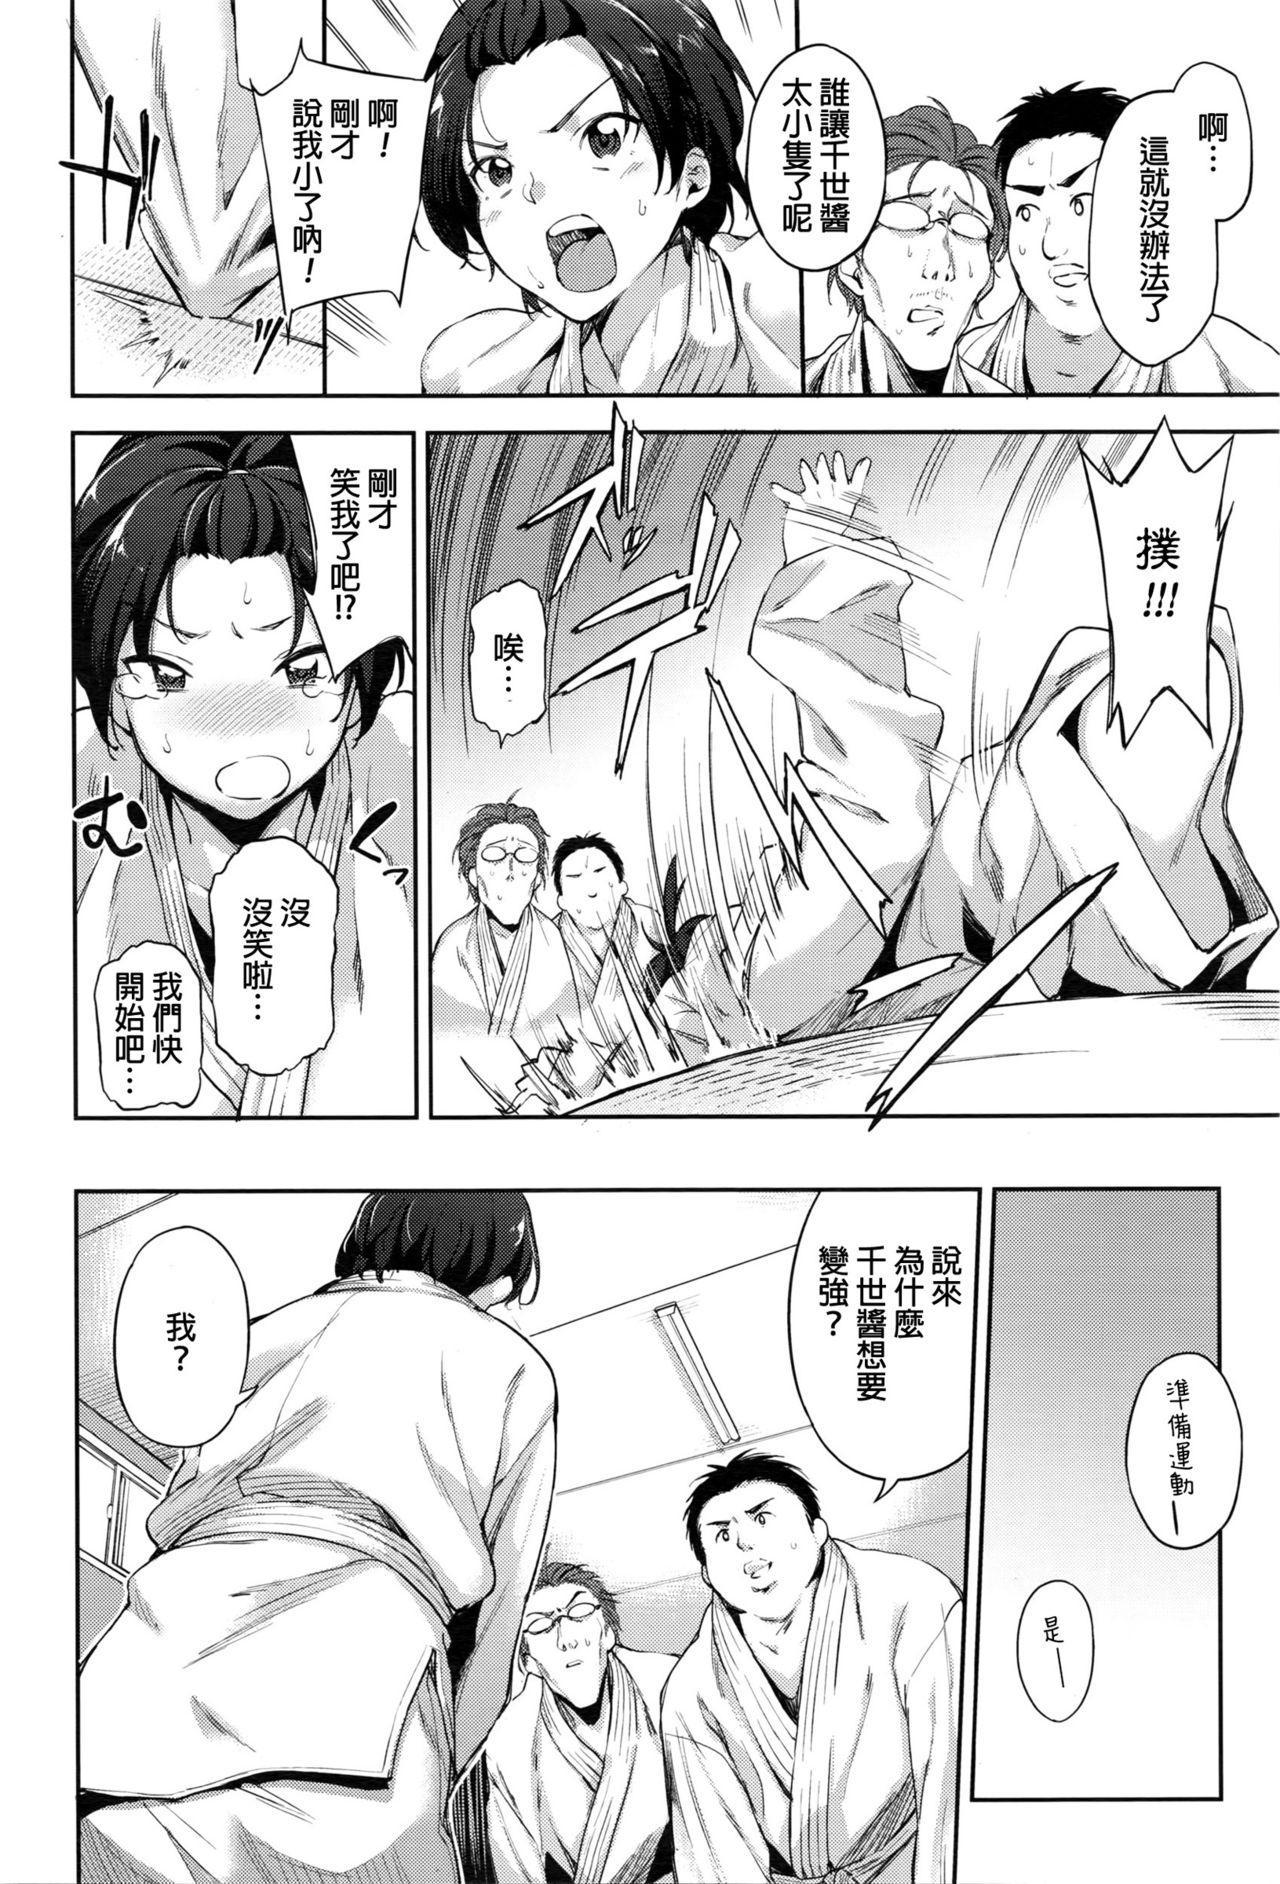 Anoko o Osaekomi! 3